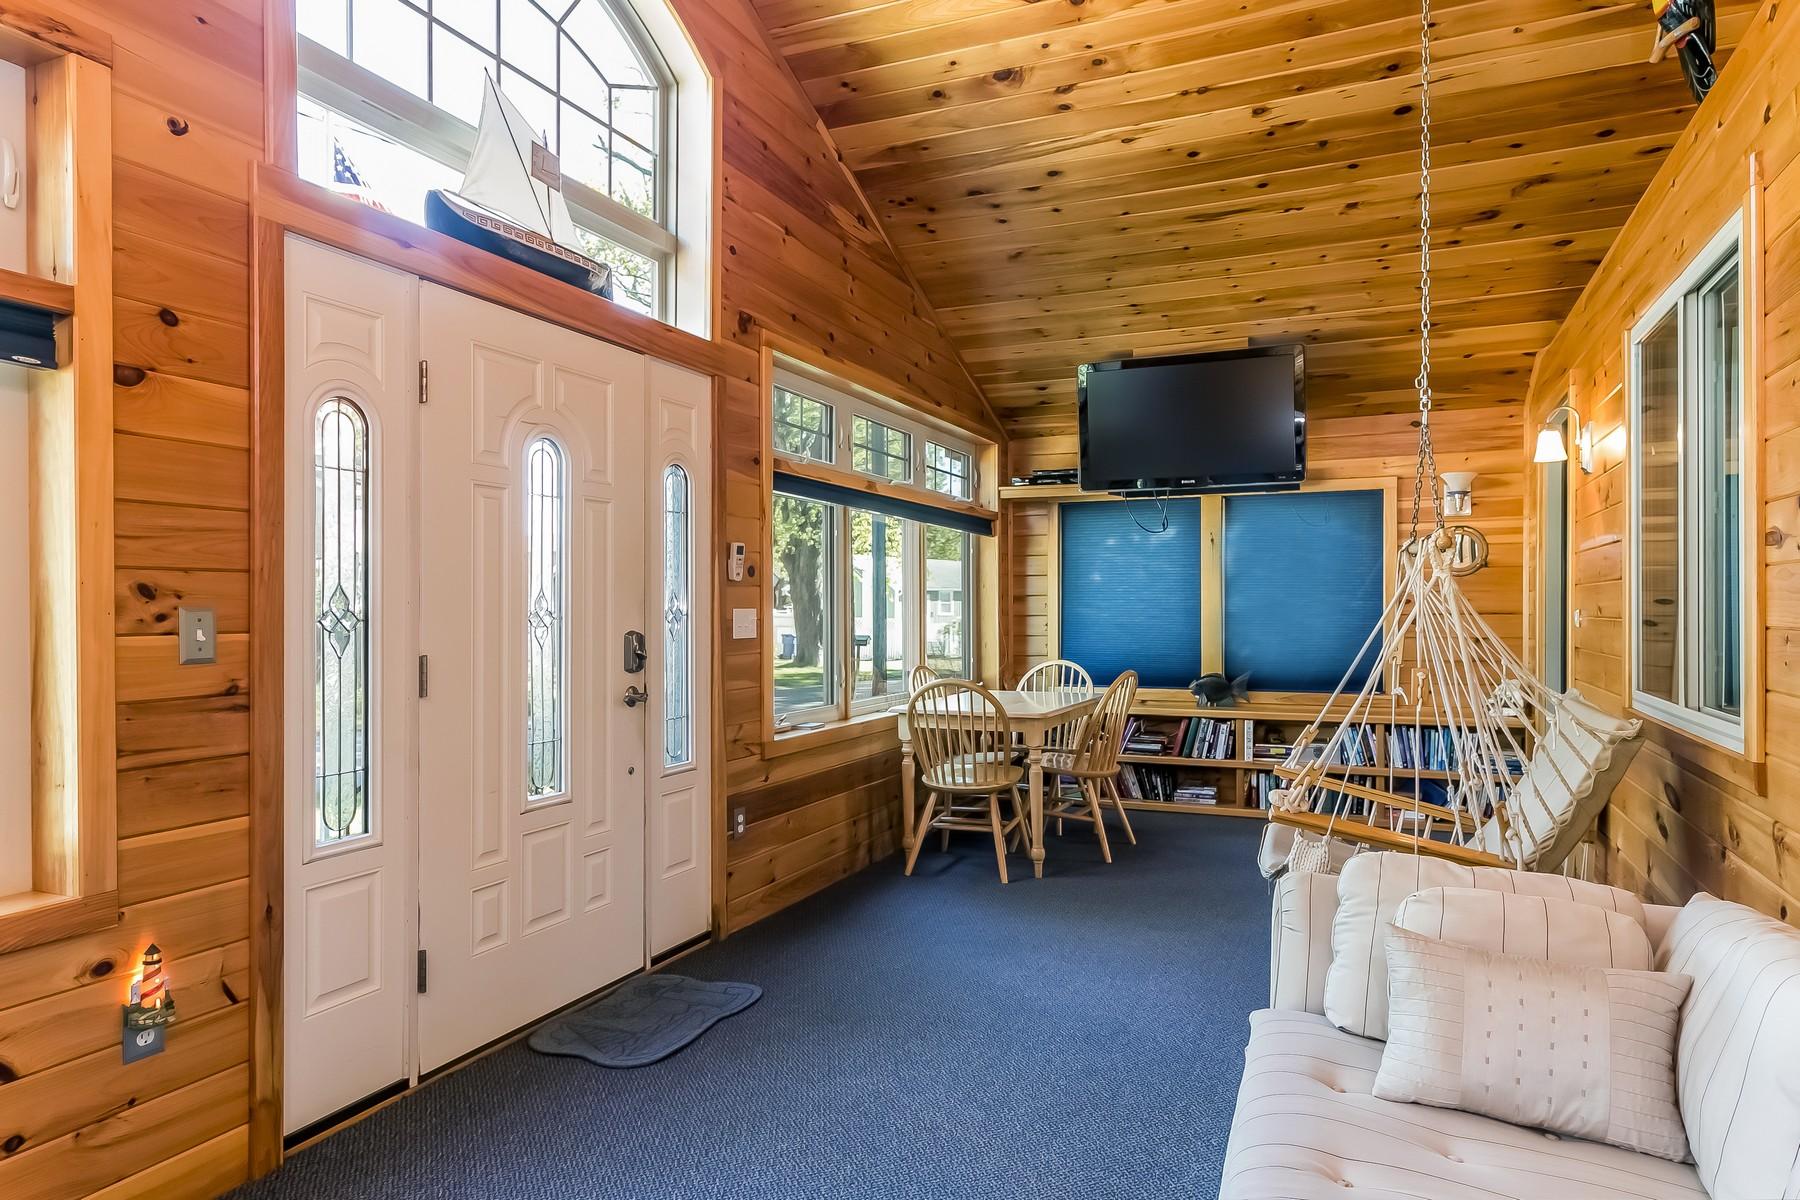 獨棟家庭住宅 為 出售 在 Enjoy Summer Or Year Round 34 Soundview Ave Old Saybrook, 康涅狄格州, 06475 美國